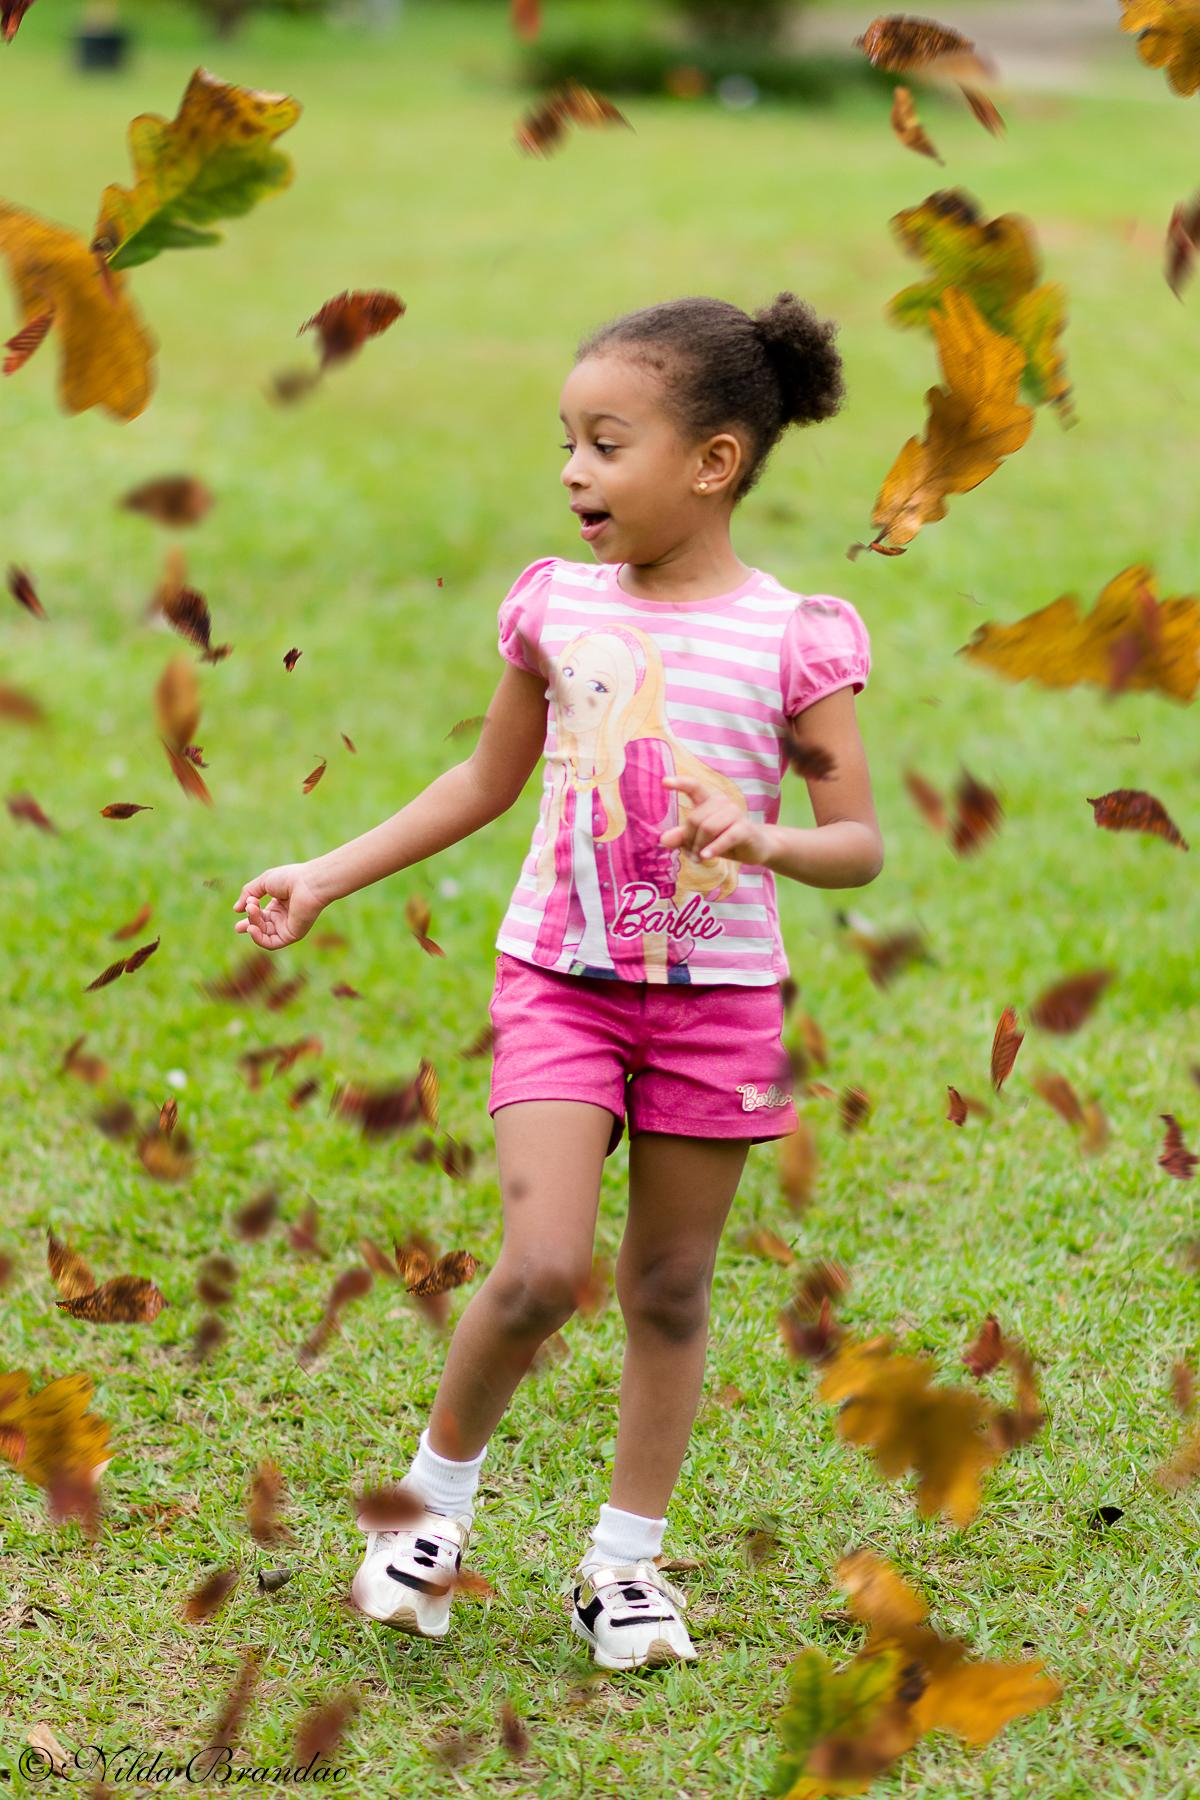 Chuva de folhas é comum no outono, a Julia se divertiu com elas no seu ensaio infantil.